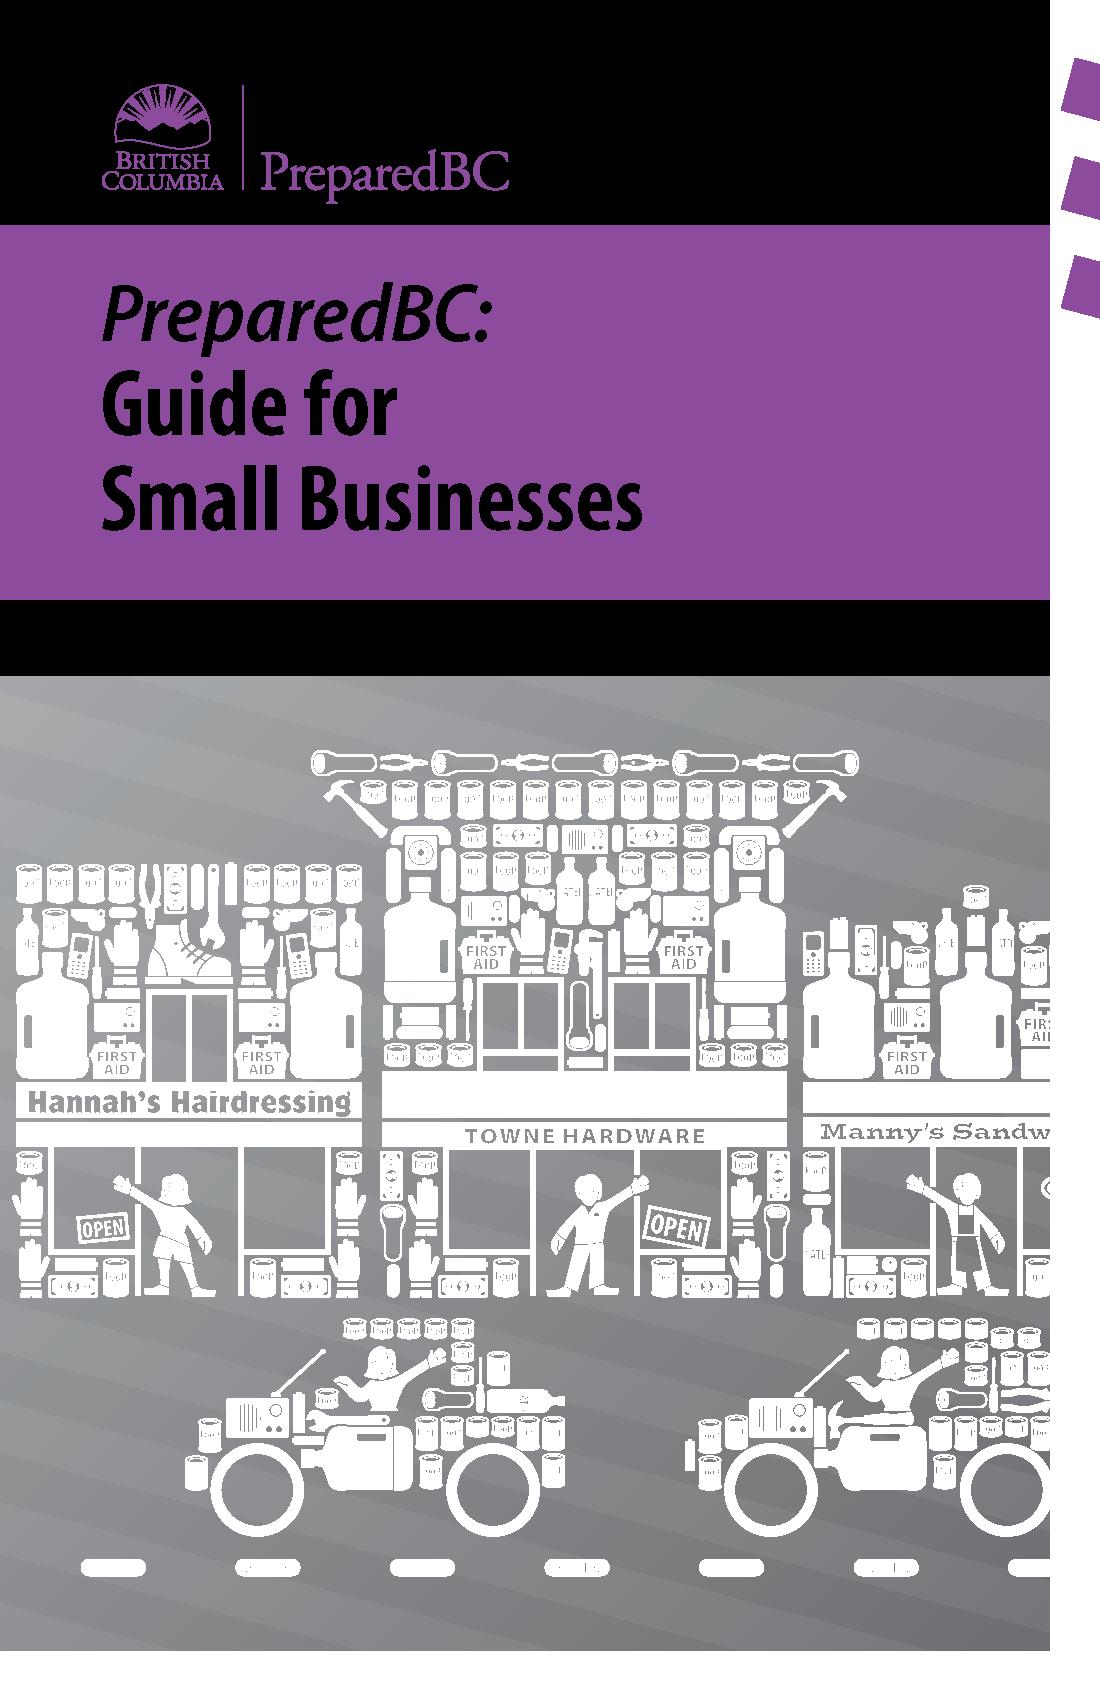 PreparedBC: Guide for Small Businesses